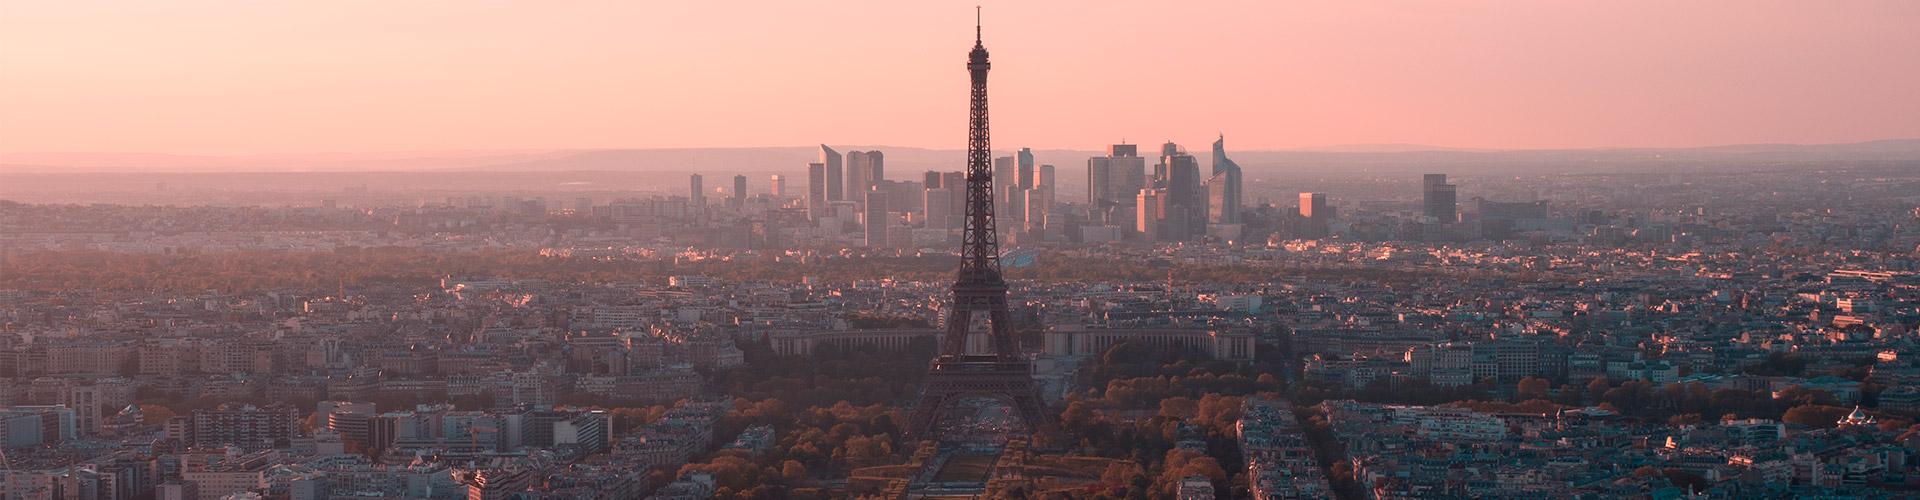 Guappi a Parigi